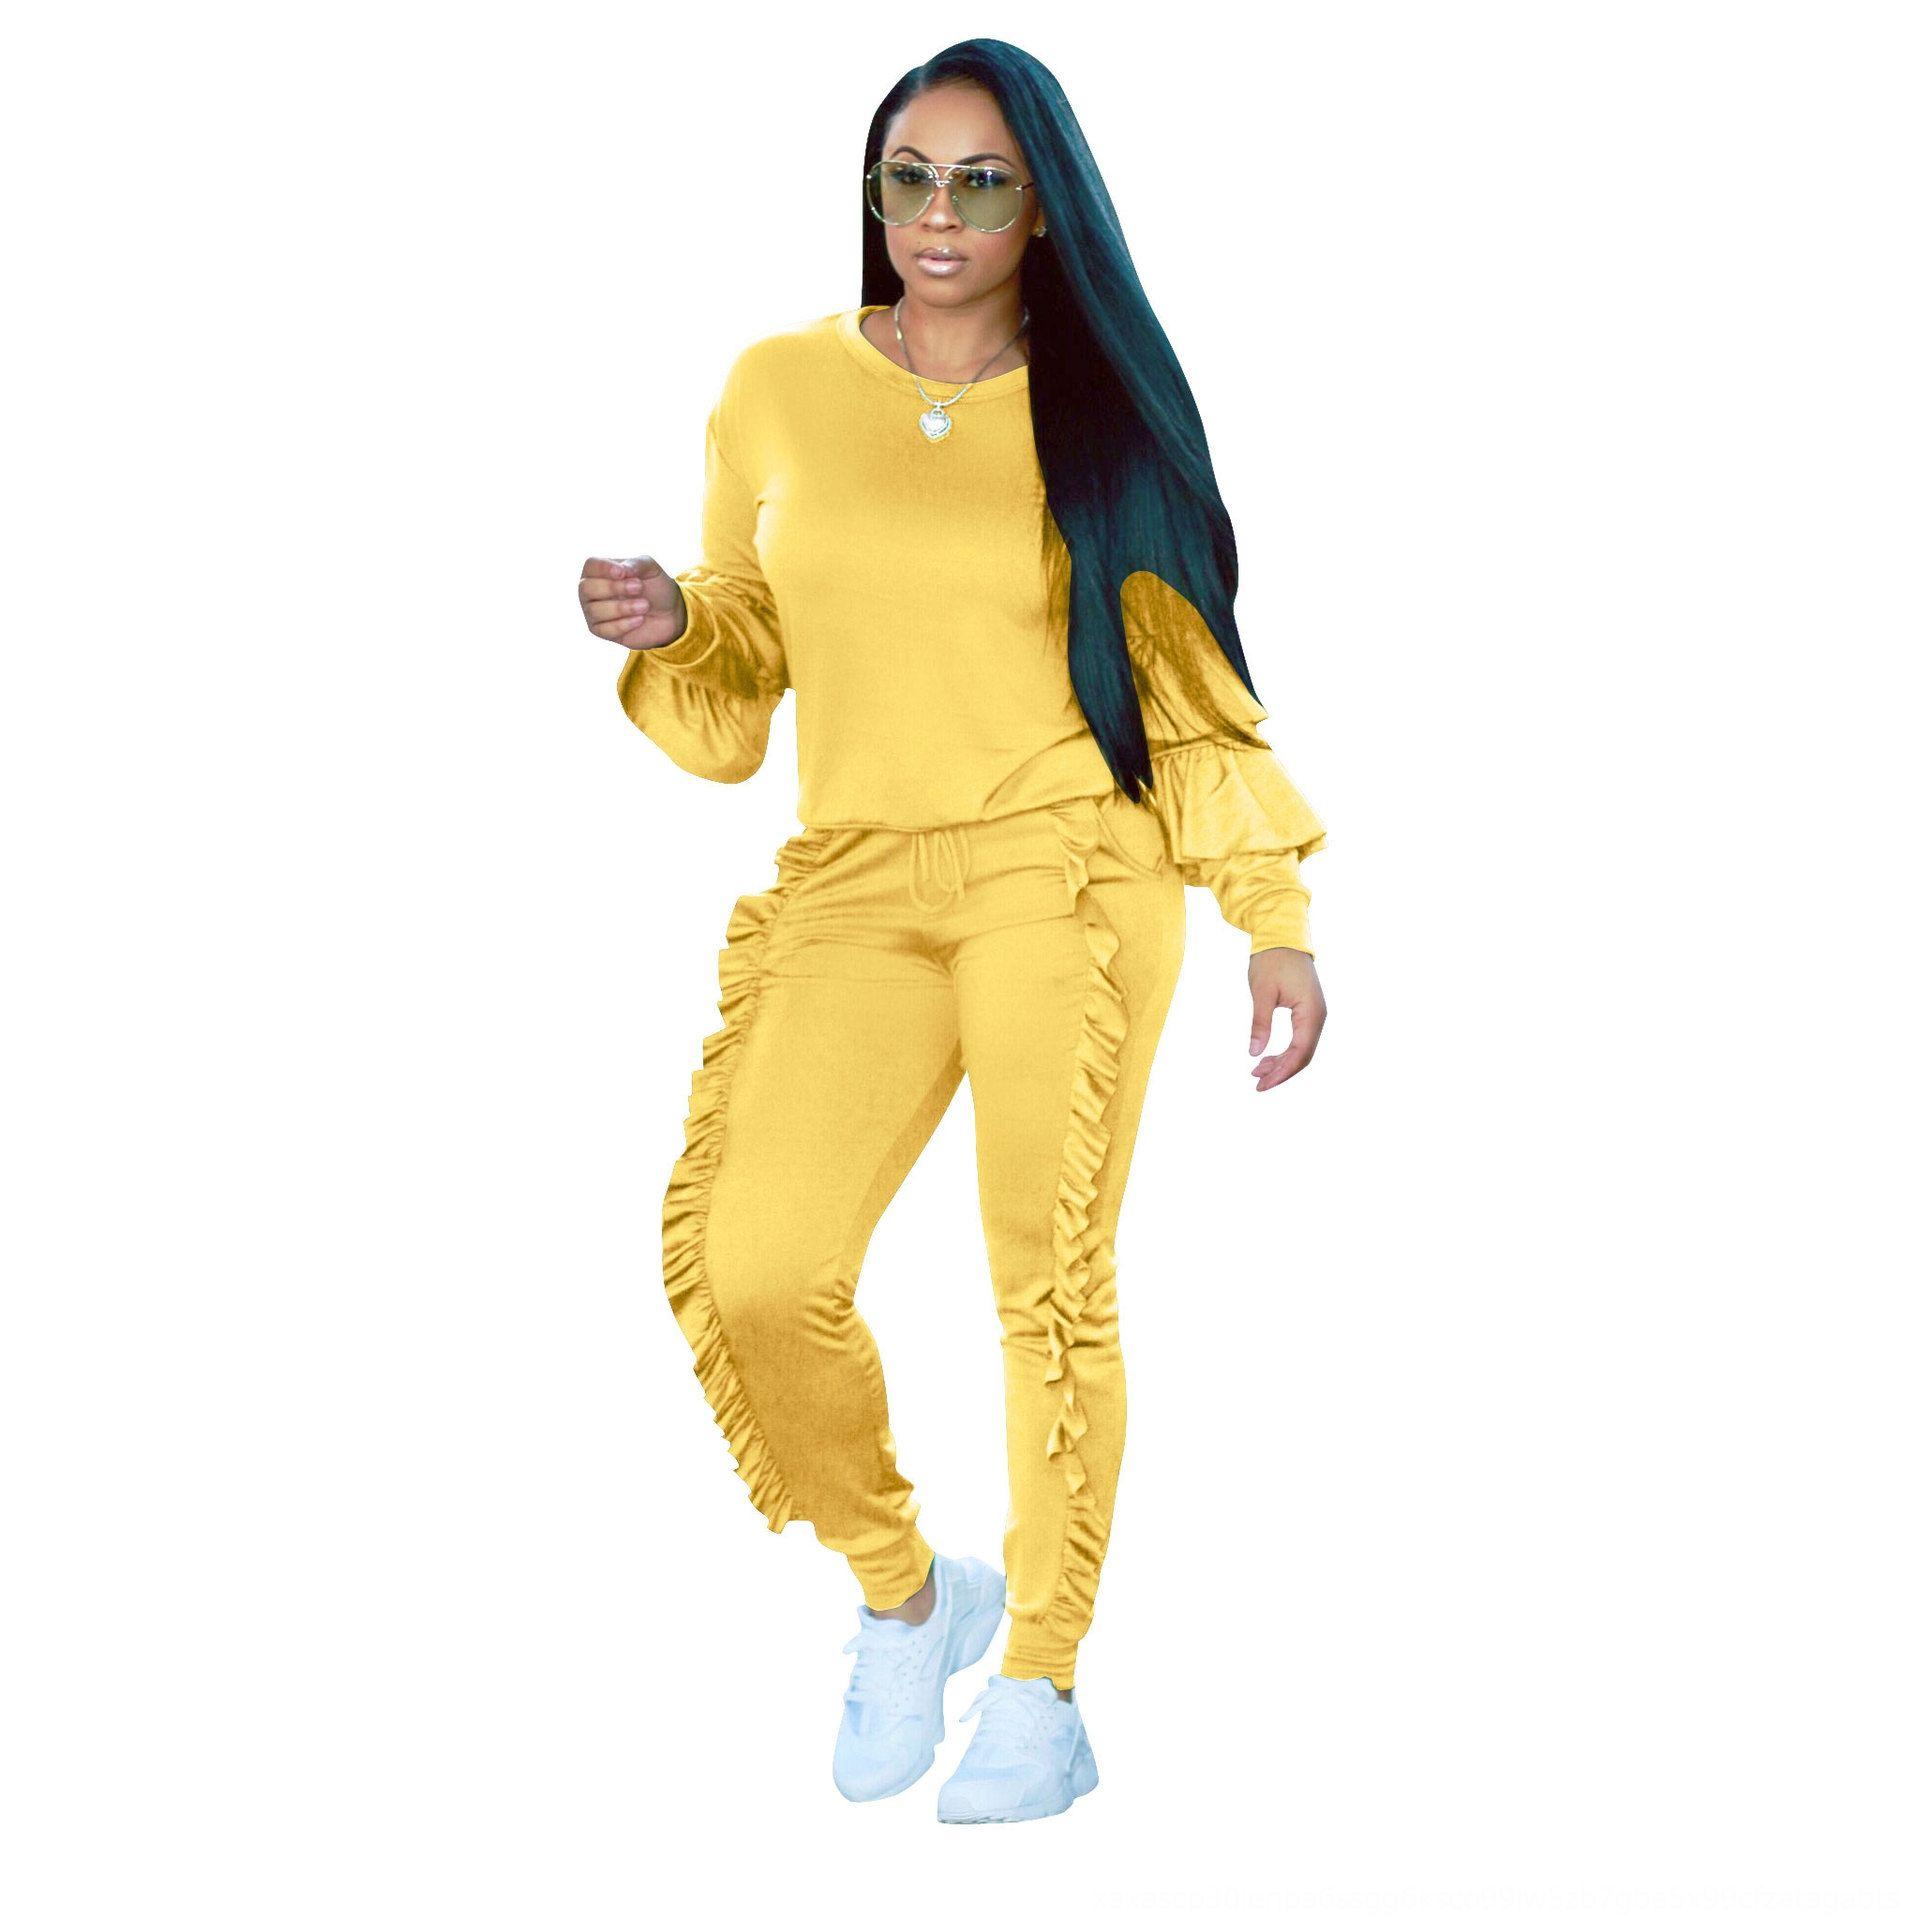 37iy Летняя одежда Женщины трексуит костюм Двухфустный Jogger Black Sportswear тренажерный зал Футболка Брюки Установить пуловерногинги Спортивные одежды 1454